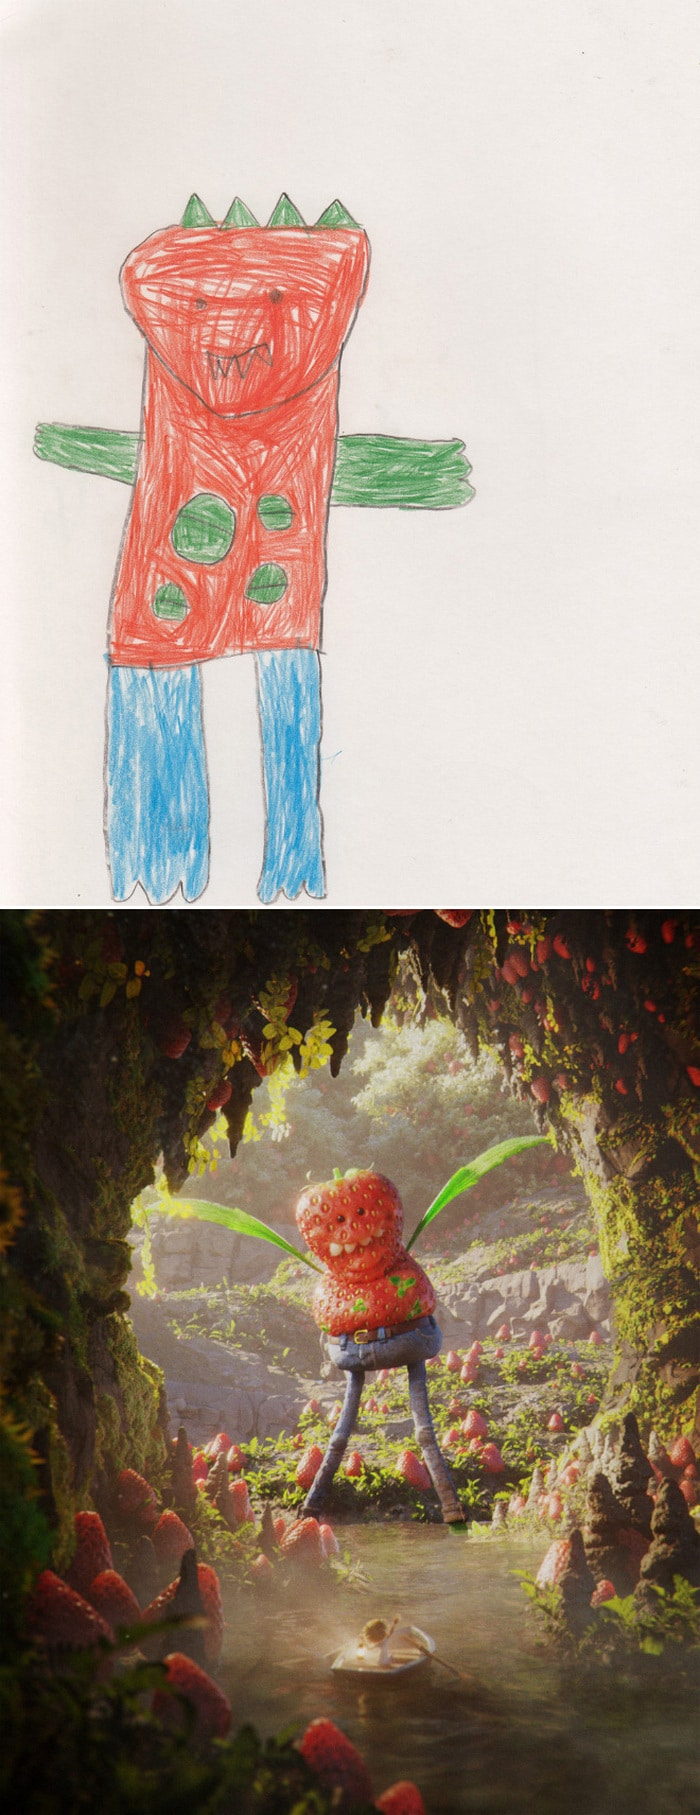 Projeto Monstro - Crianças desenham monstros e artistas recriam com sua arte 20